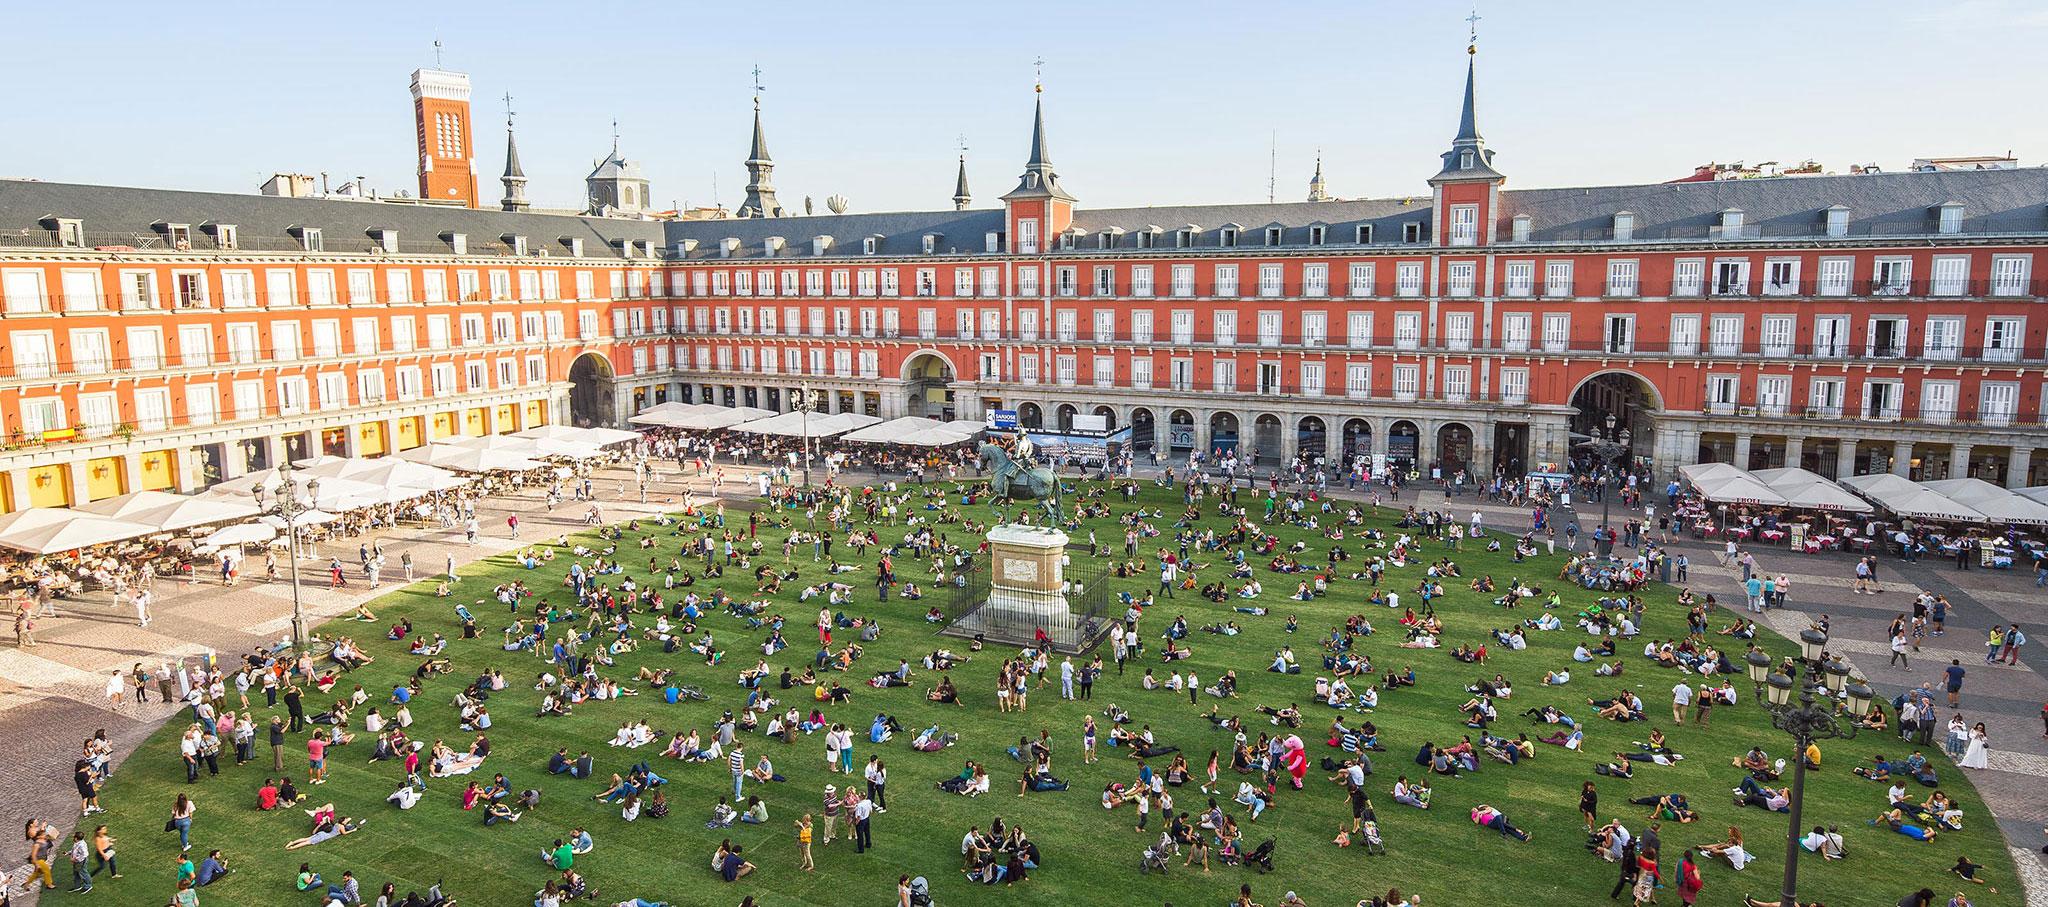 CESPED en la Plaza Mayor por SpY. Fotografía © Rubén P. Bescós